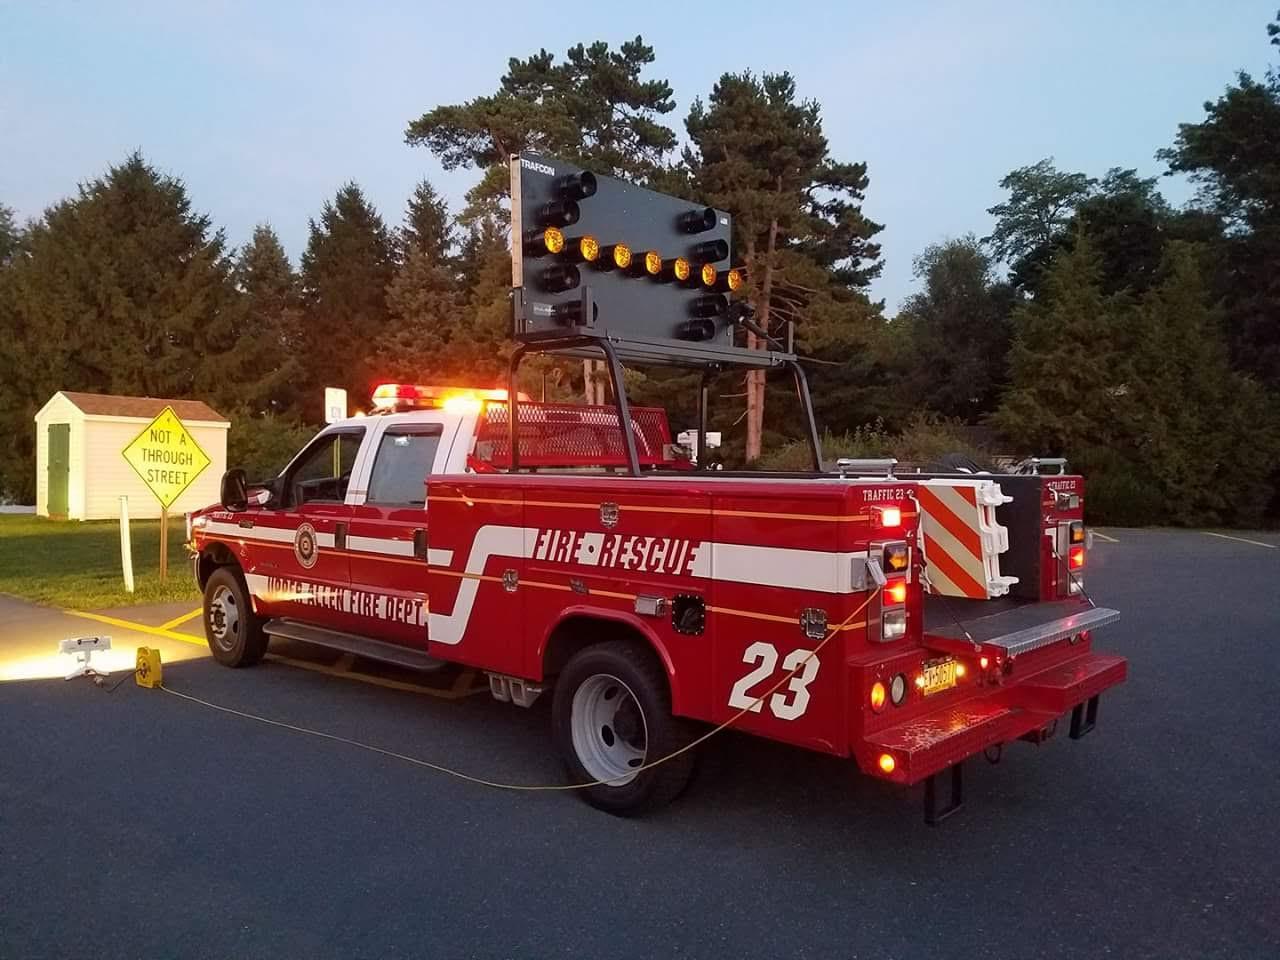 Upper Allen Fire Department Mechanicsburg PA Traffic 23